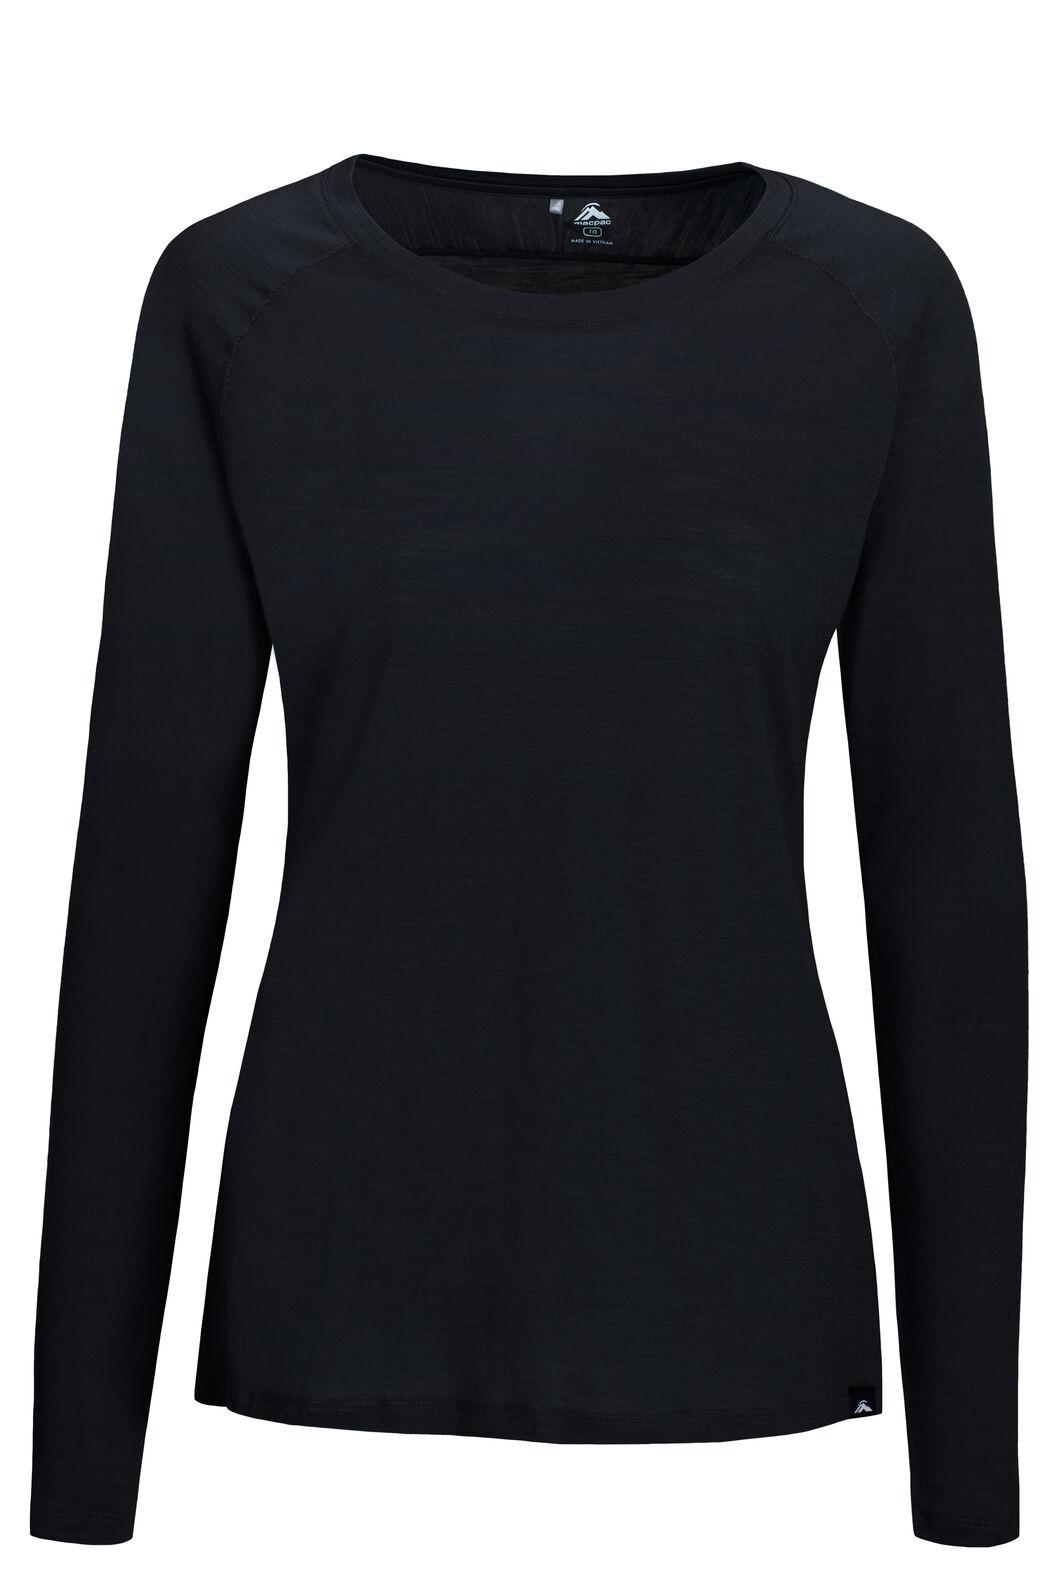 Macpac Women's Meadow 145 Merino Blend Long Sleeve Tee, Black, hi-res